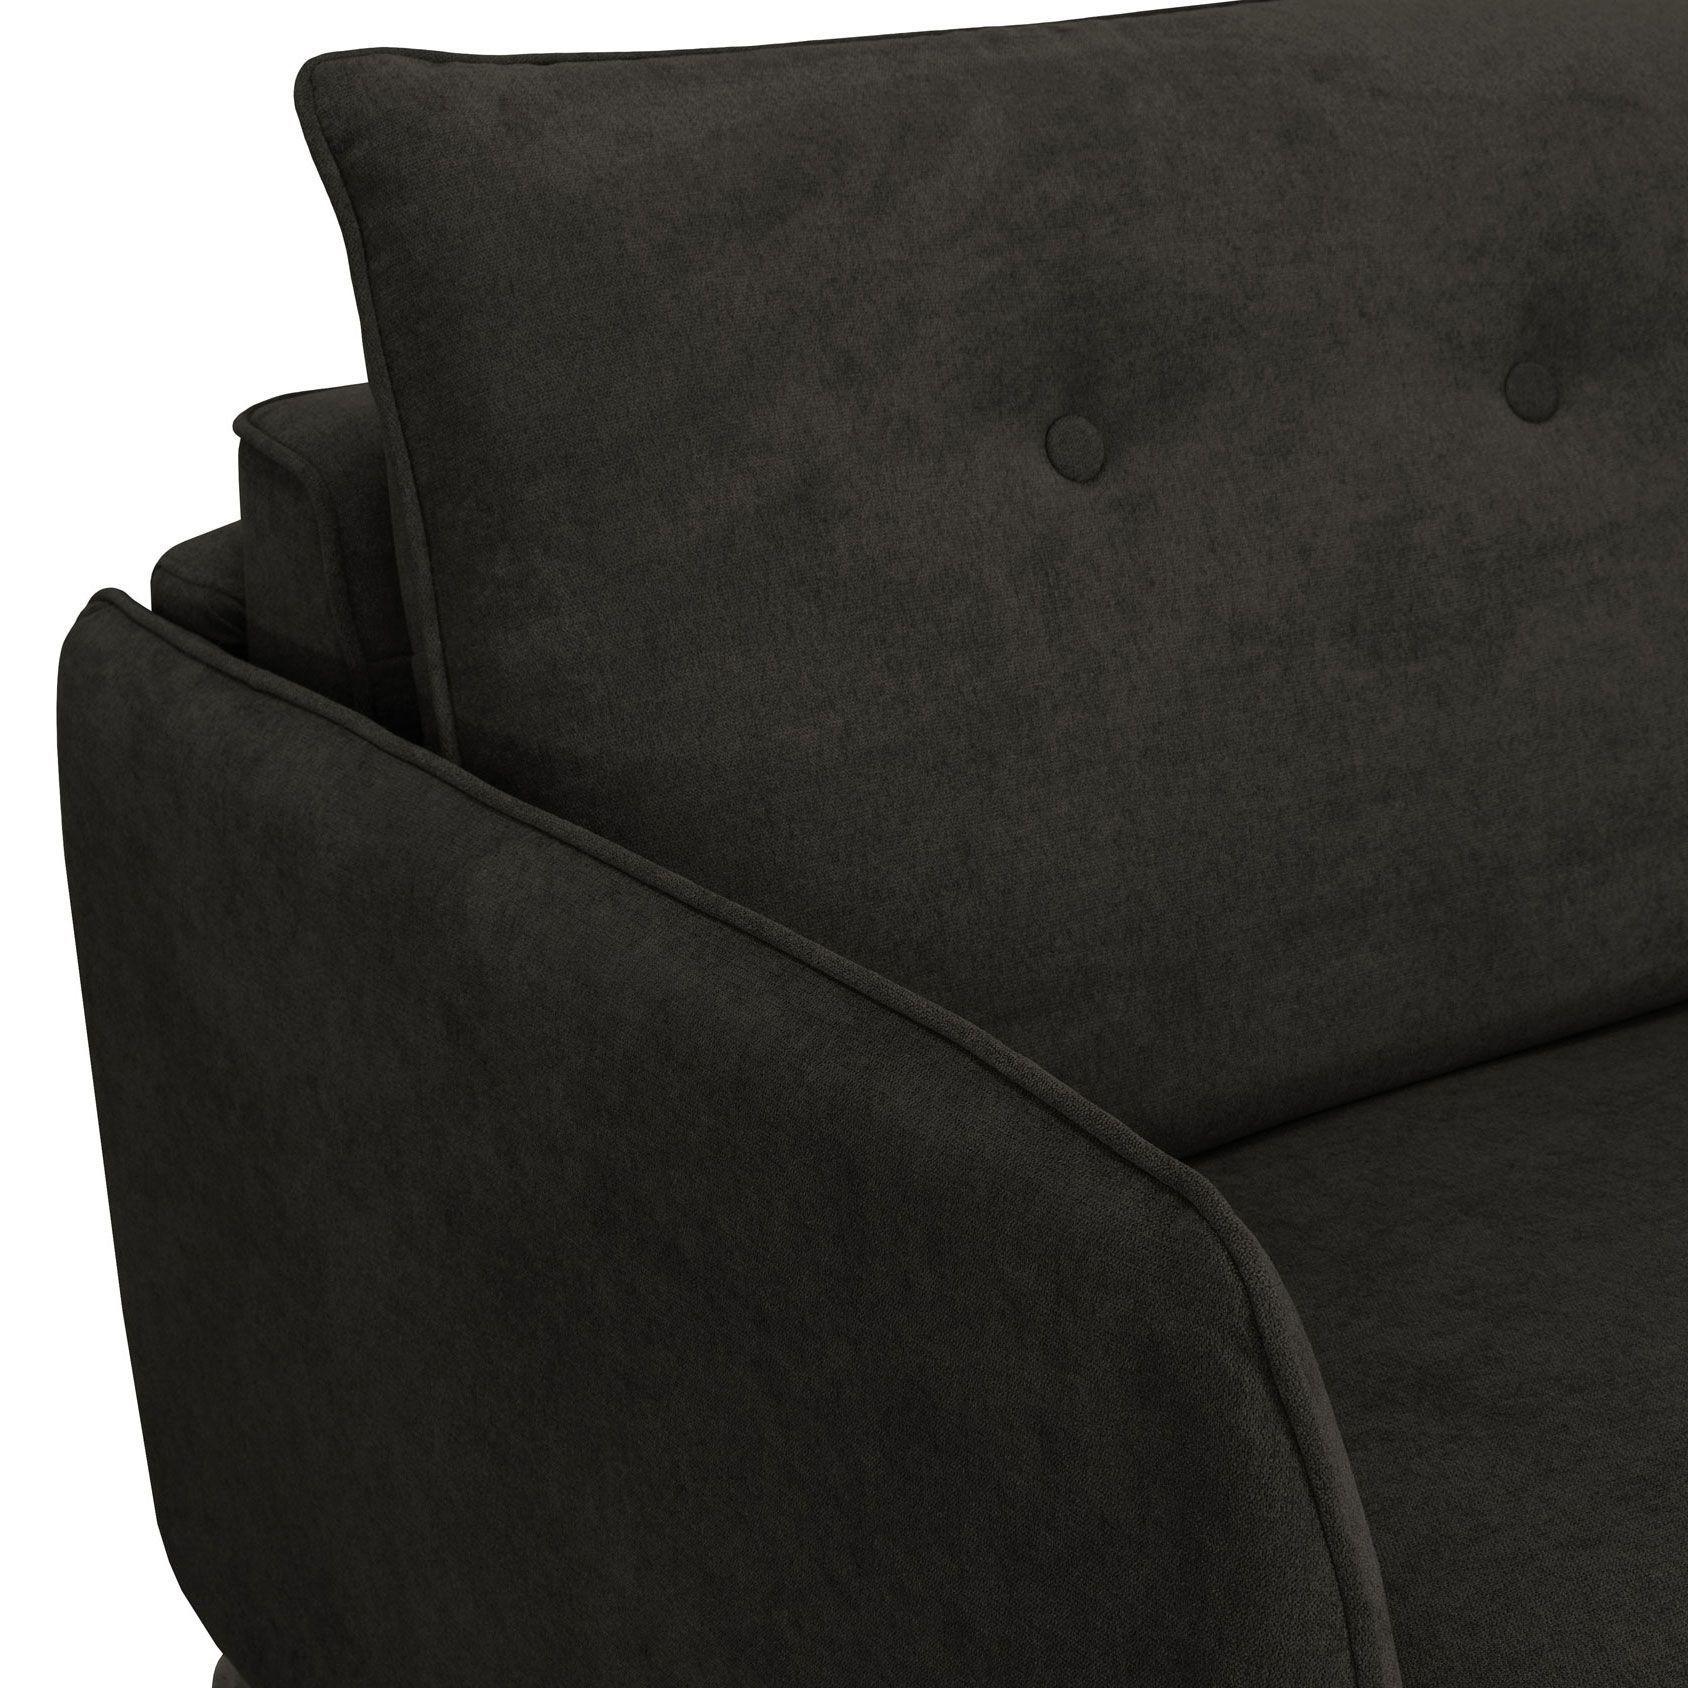 Canapé convertible STAR usage quotidien, système rapid\'lit (dit rapido) couchage 140cm en tissu chiné TIFFANY